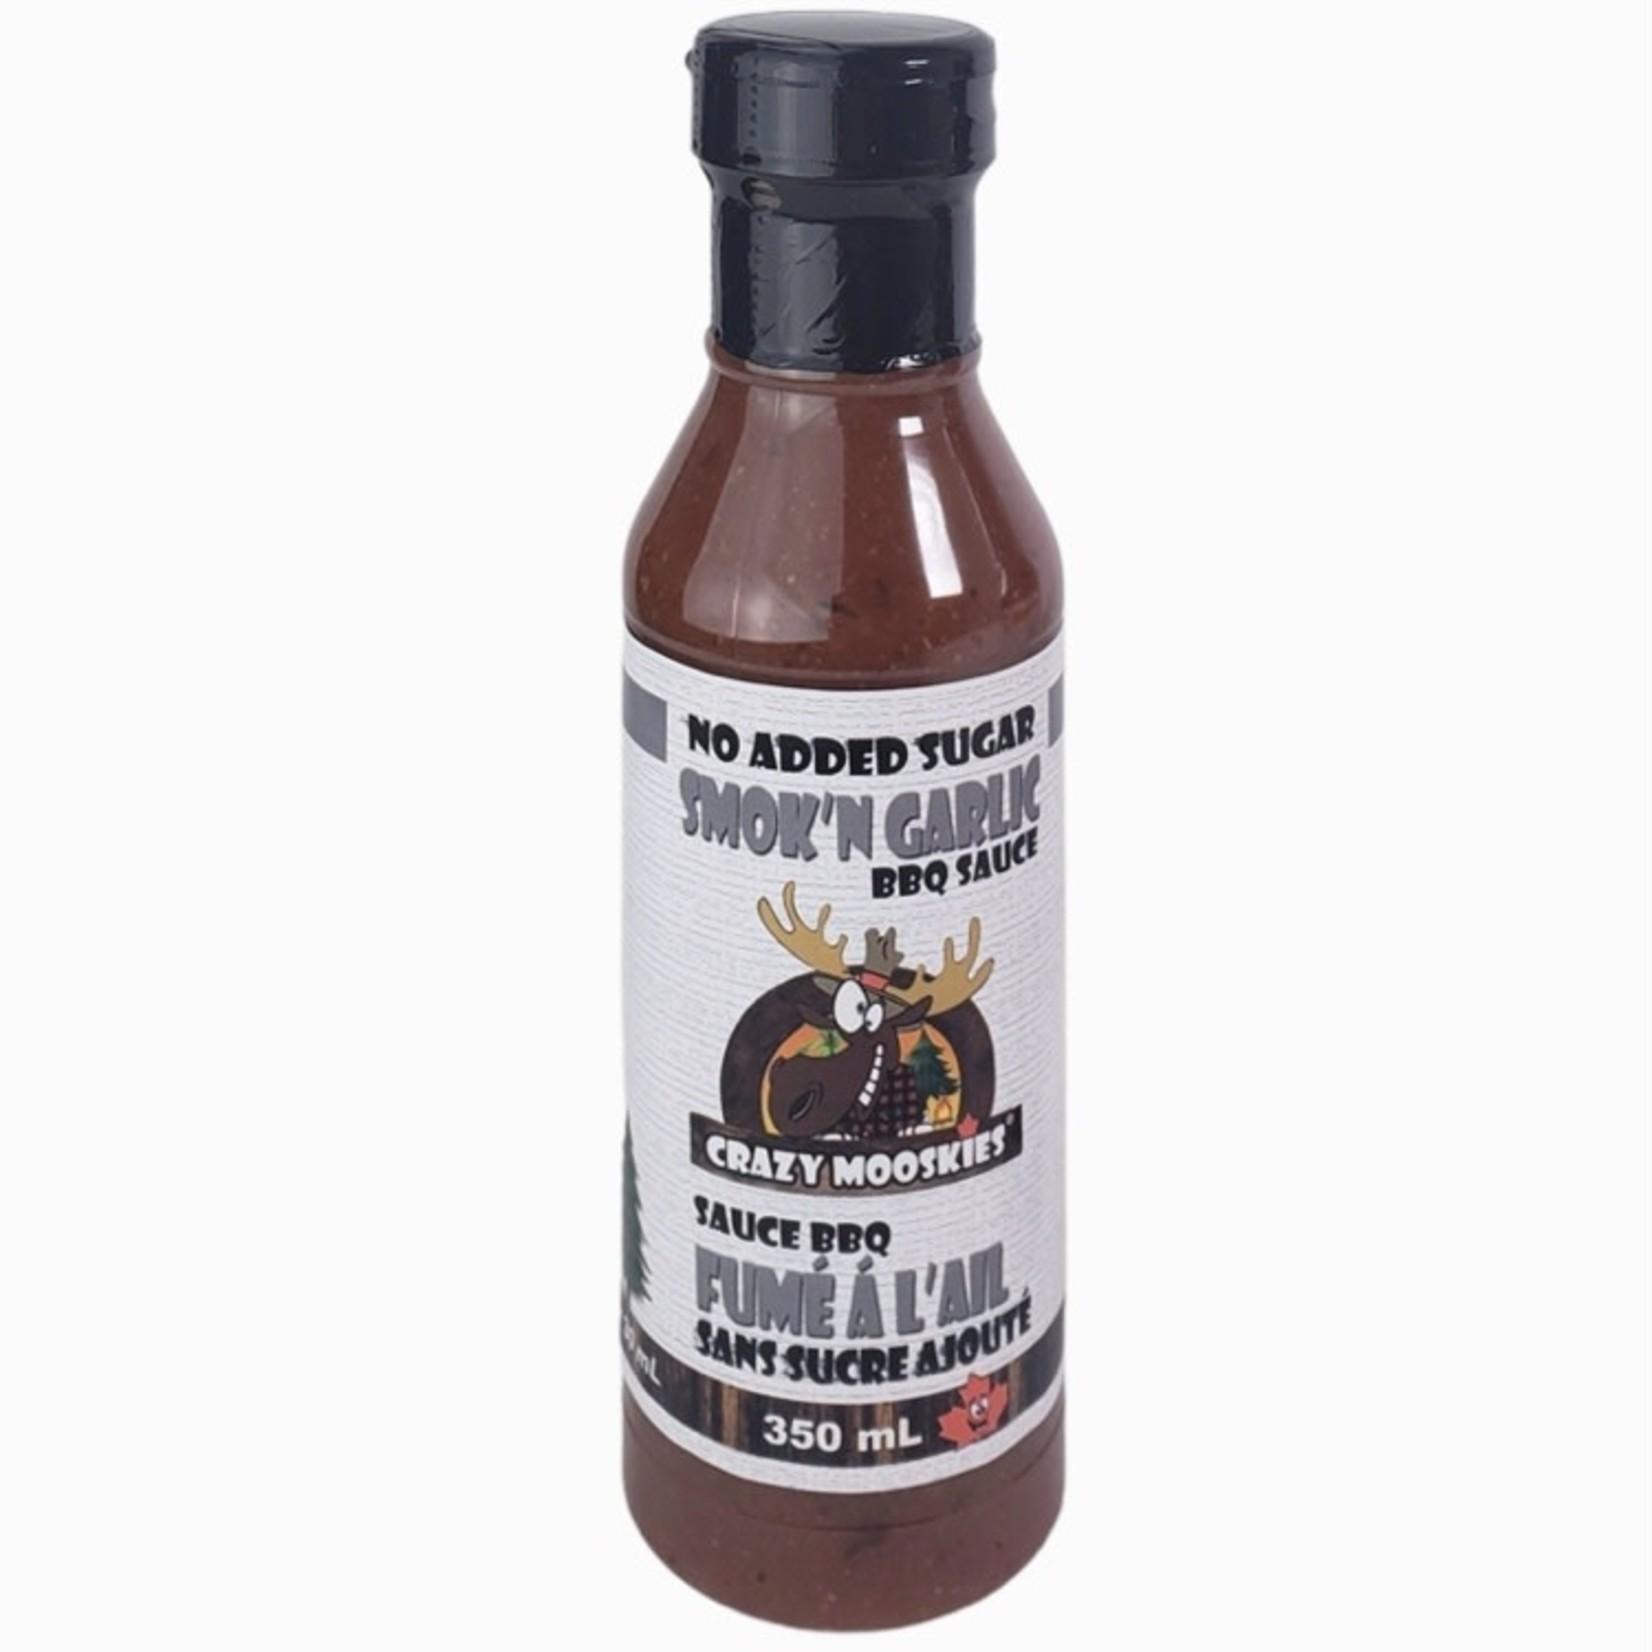 Crazy Mooskies Crazy Mooskies Smoke'N Garlic BBQ Sauce 350ml